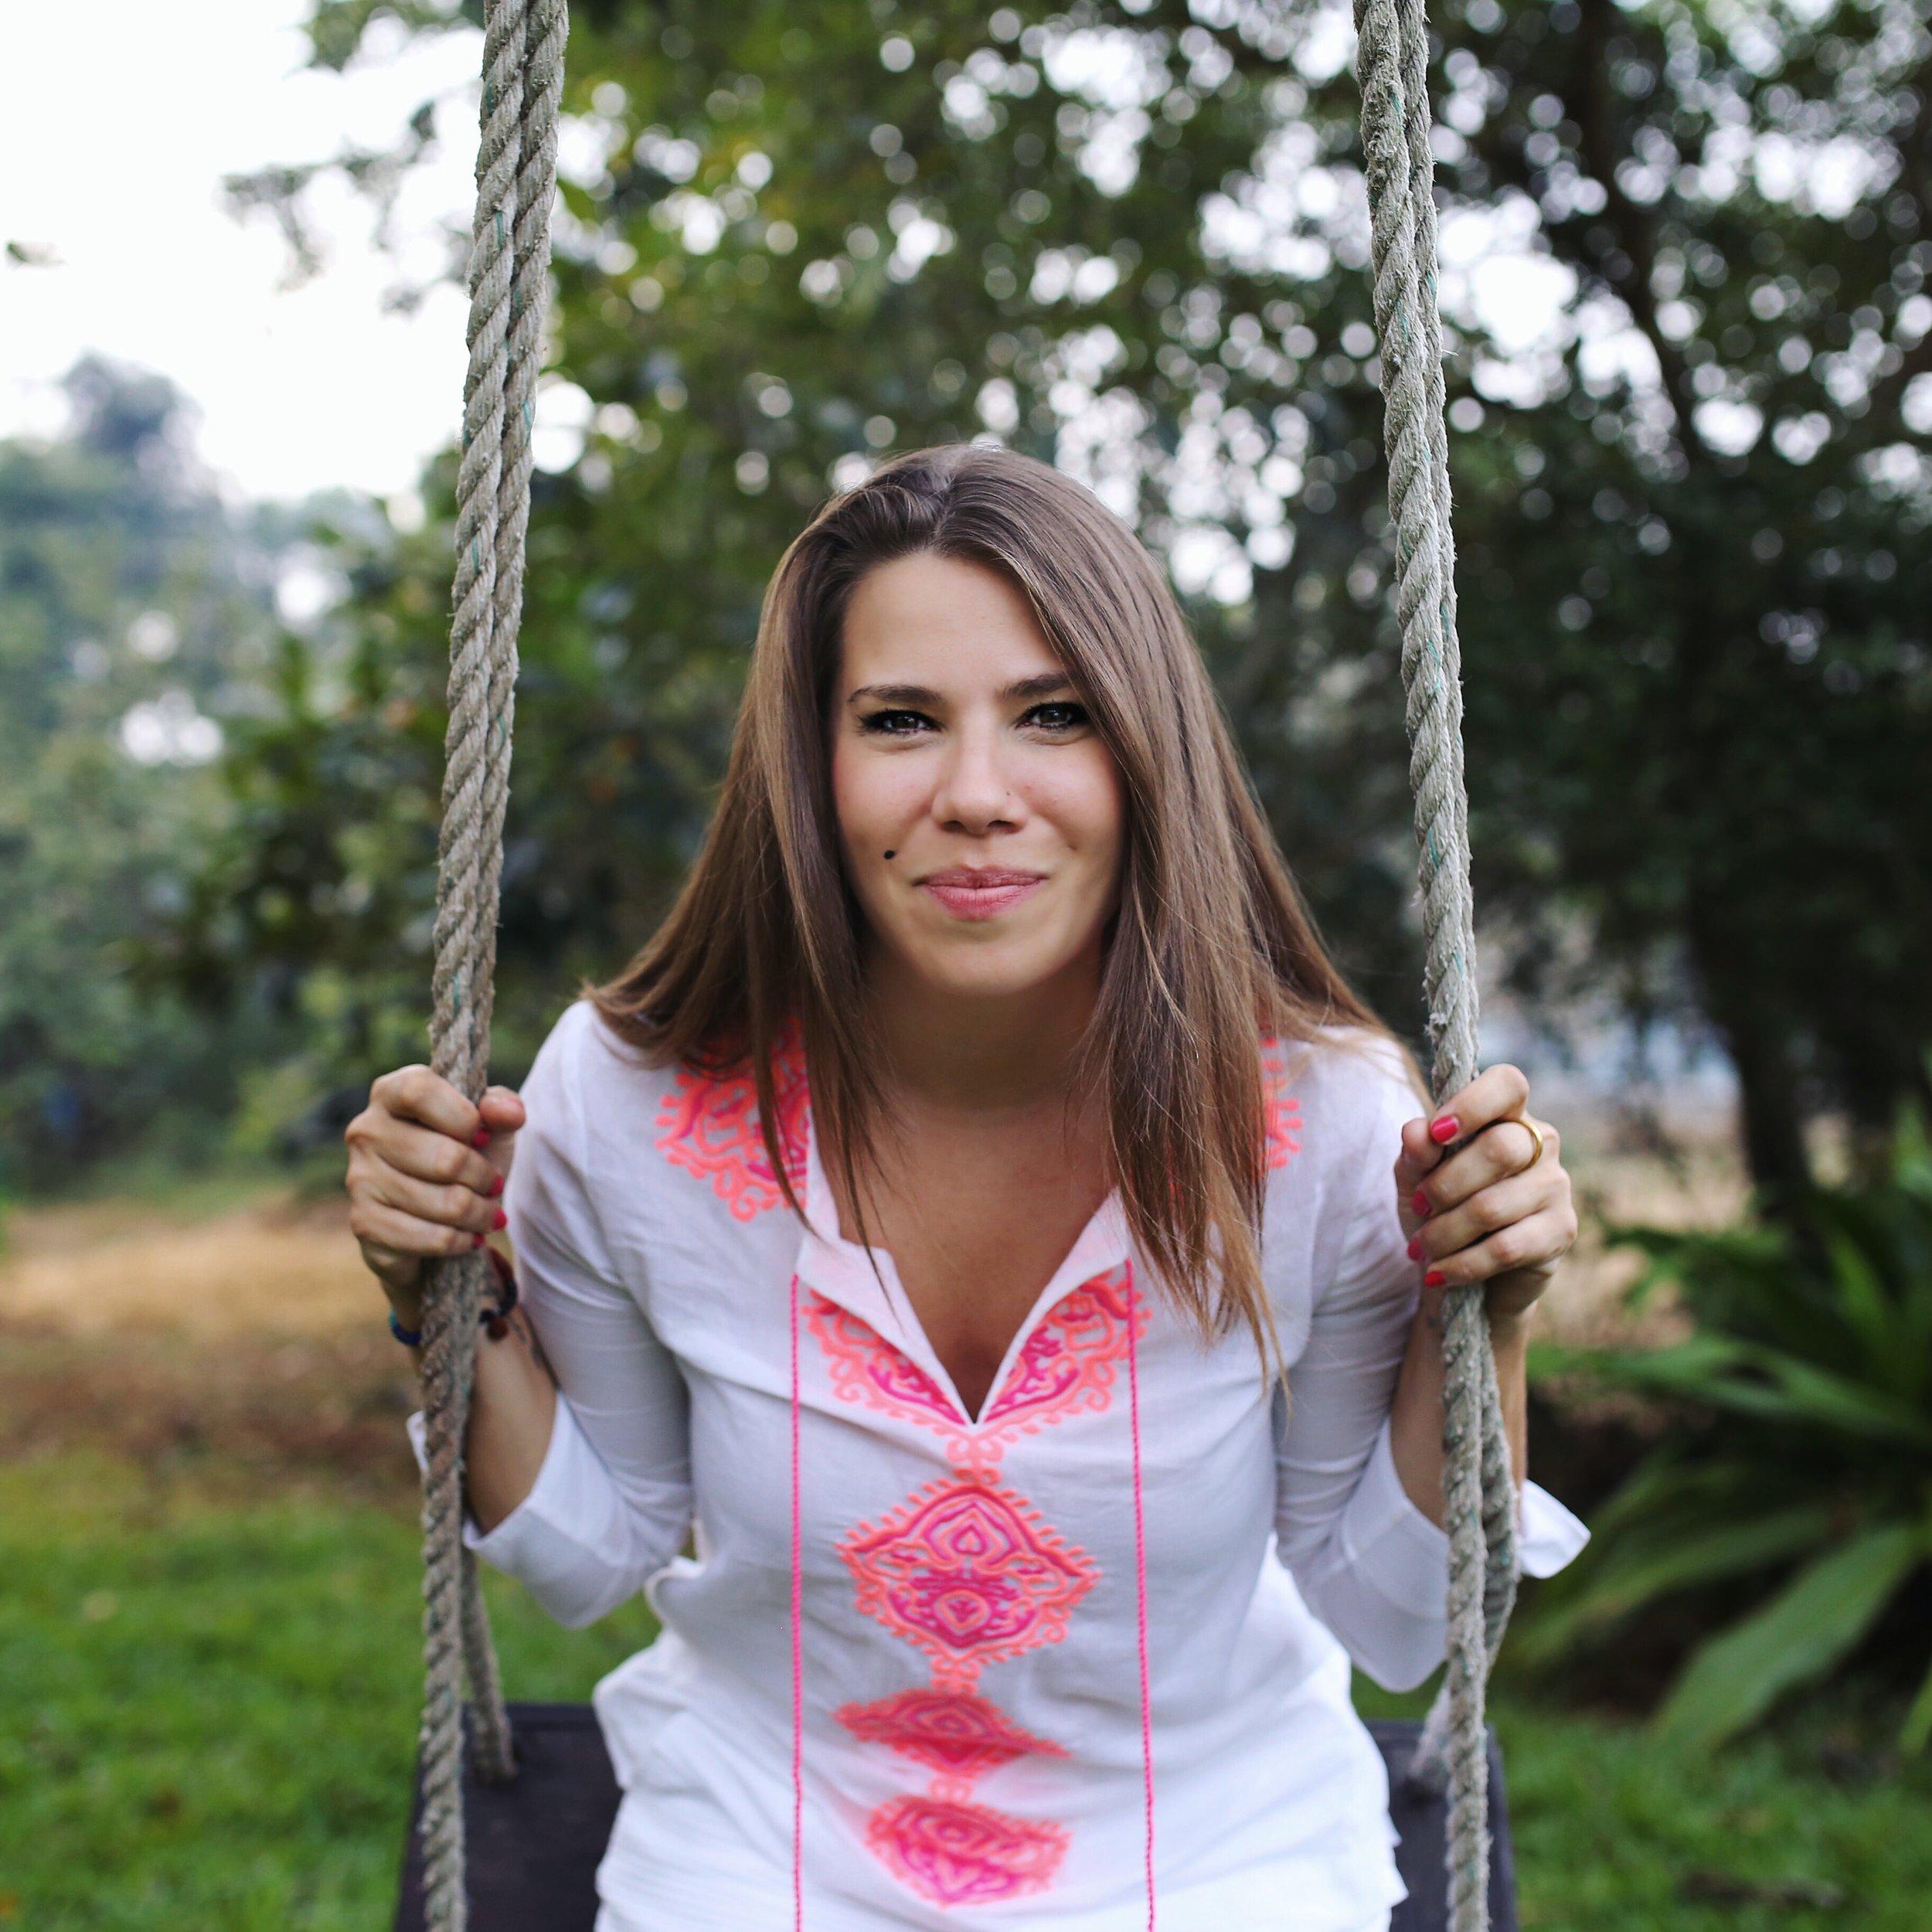 Kirsten Alana, Professional Photographer